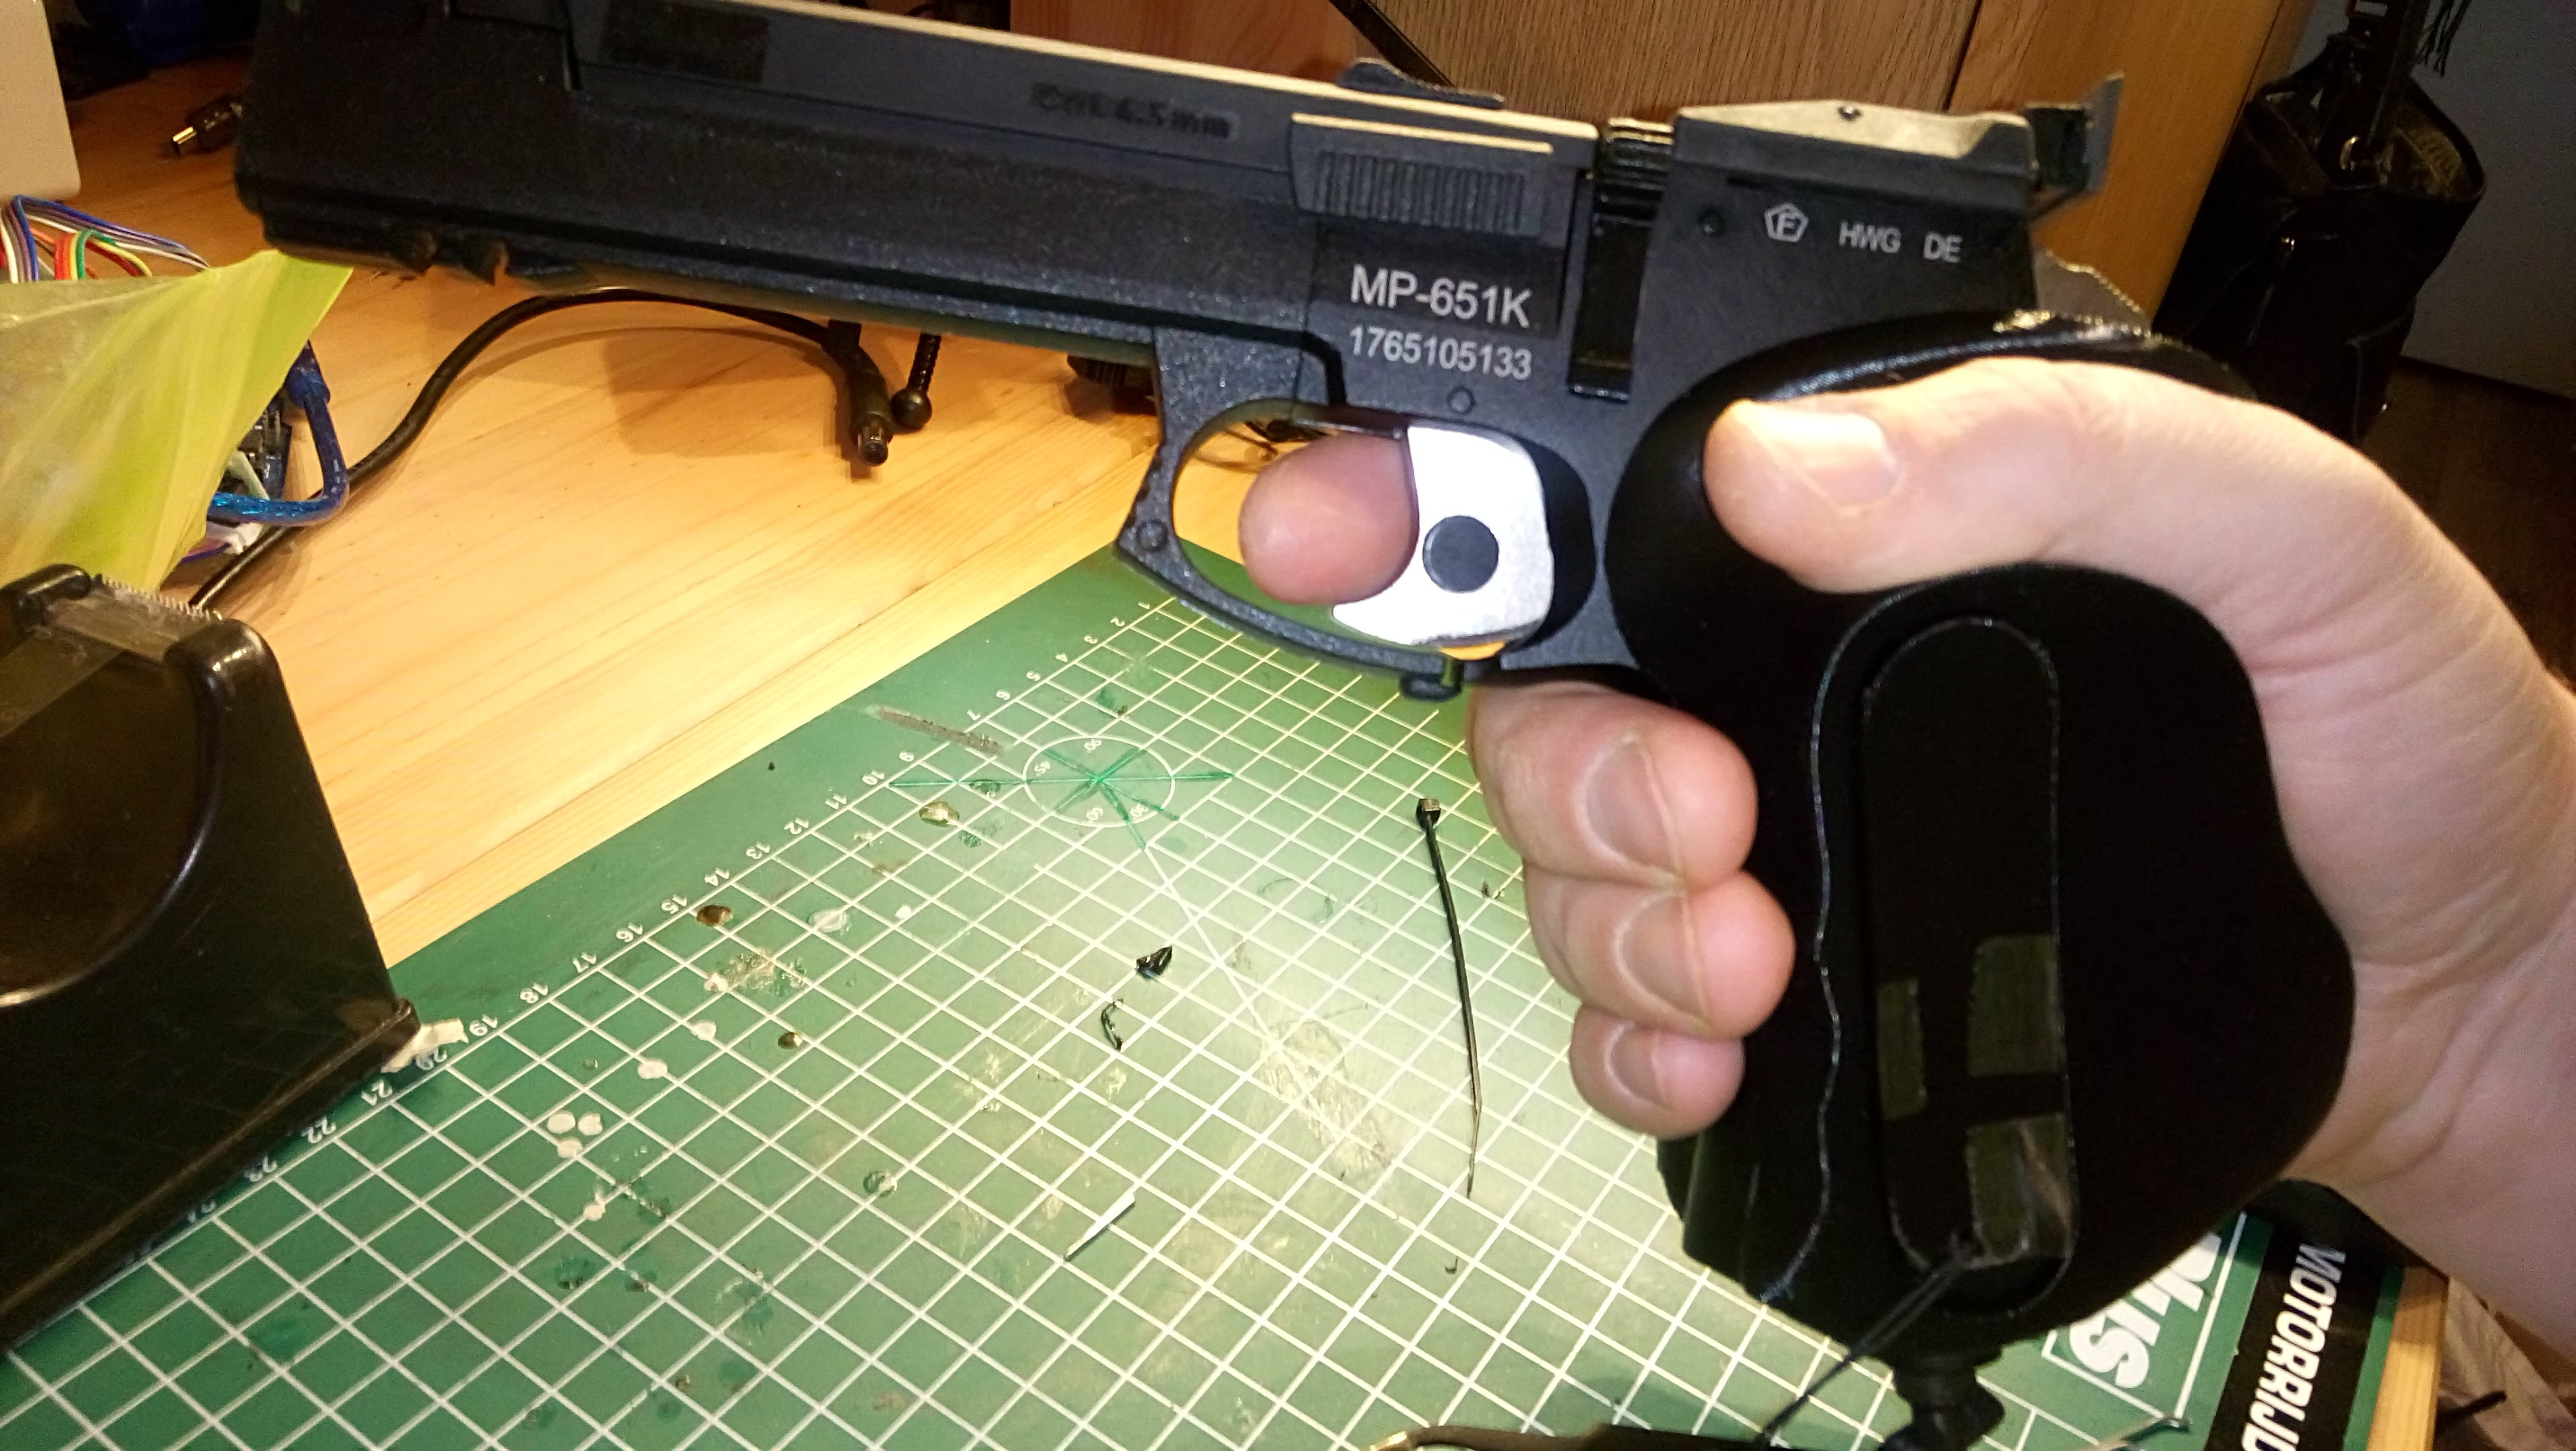 180218-DSC_0232.JPG Télécharger fichier STL gratuit Bouchon magnétique Baikal MP-651K pour poignée ergonomique • Plan pour imprimante 3D, Milan_Gajic